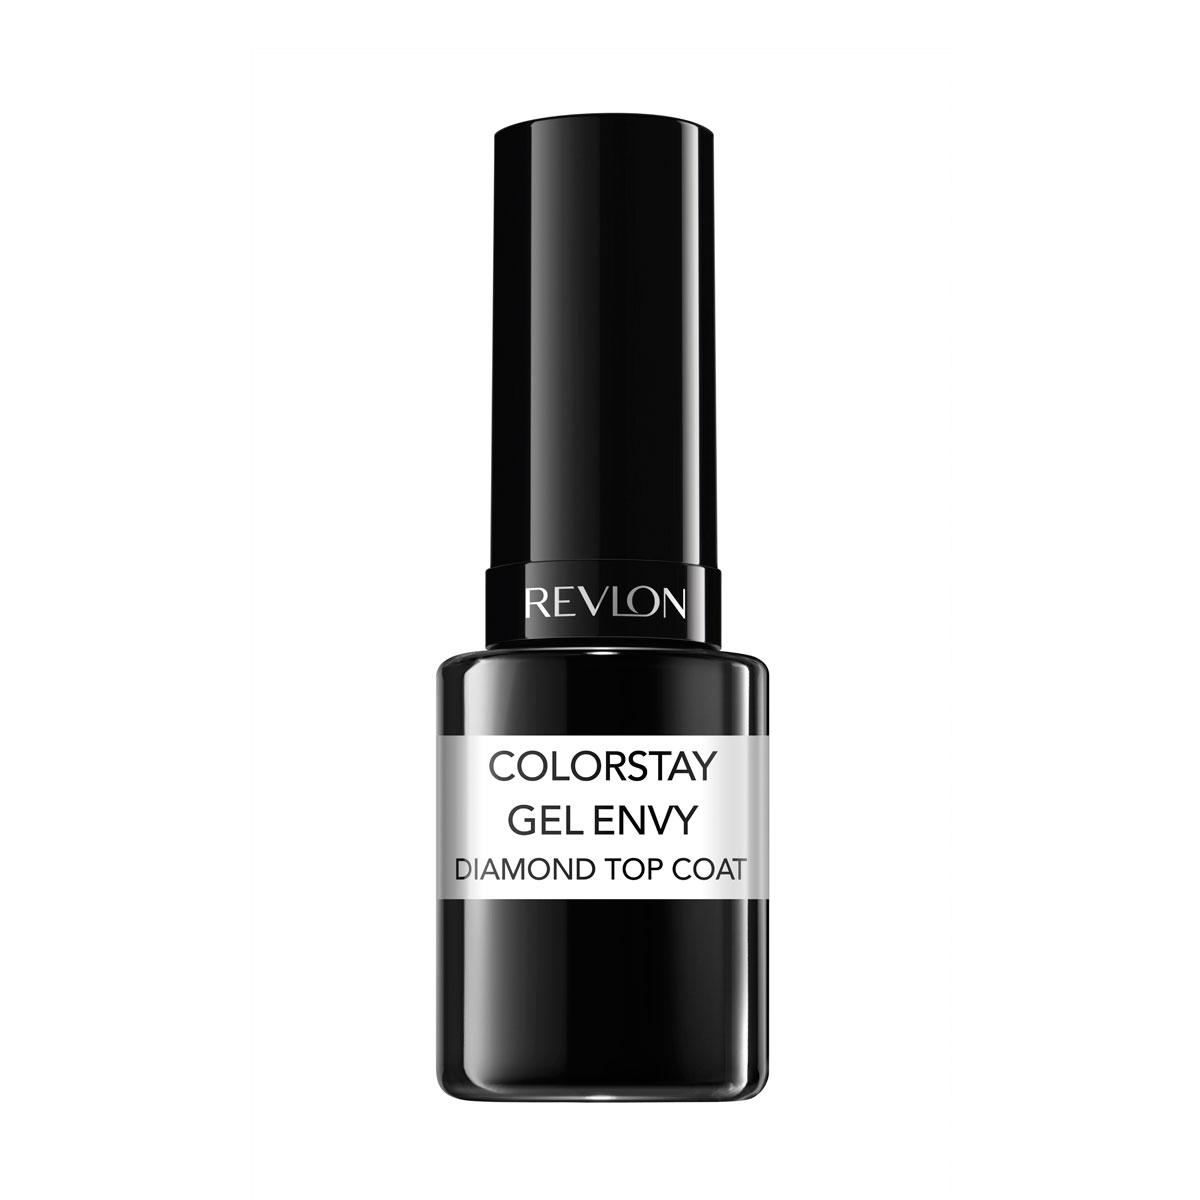 Revlon Верхнее Покрытие для Ногтей Закрепляющее Colorstay Gel Envy Top coat 010, 11,7 мл28032022Верхнее покрытие Colorstay Gel Envy Top Coat идеально дополняет лаки ColorStay Gel Envy™ Longwear Nail Enamel, обеспечивая устойчивость и бриллиантовый блеск.Аккуратно нанести в один слой после нанесения гель-лака ColorStay Gel Envy